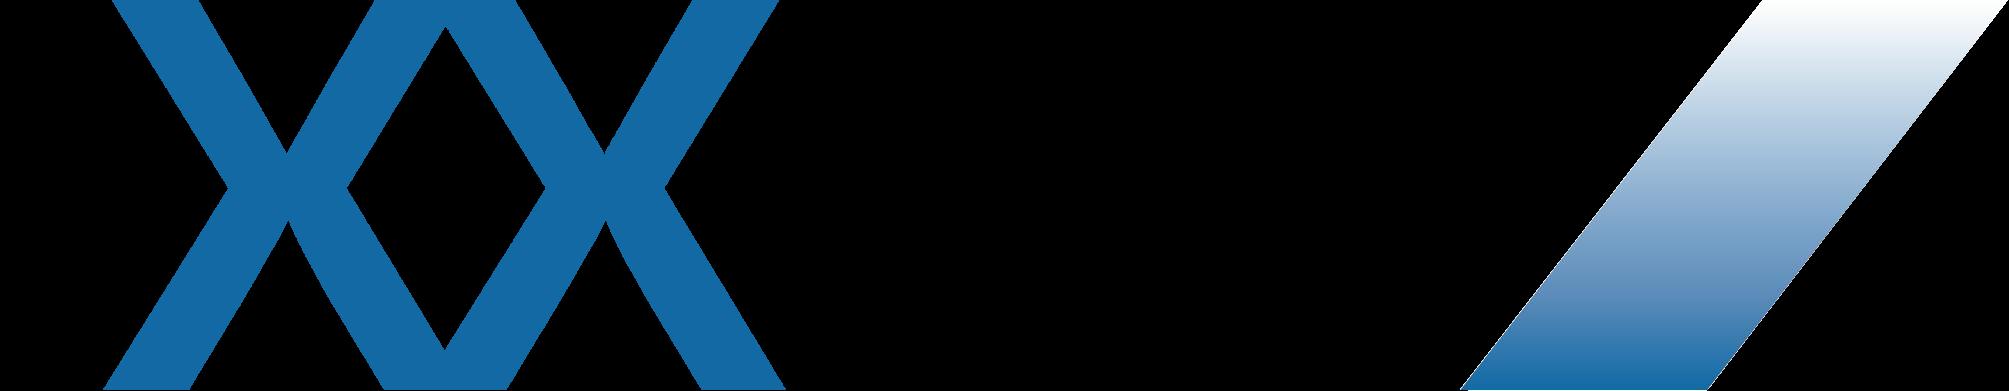 IXXAT